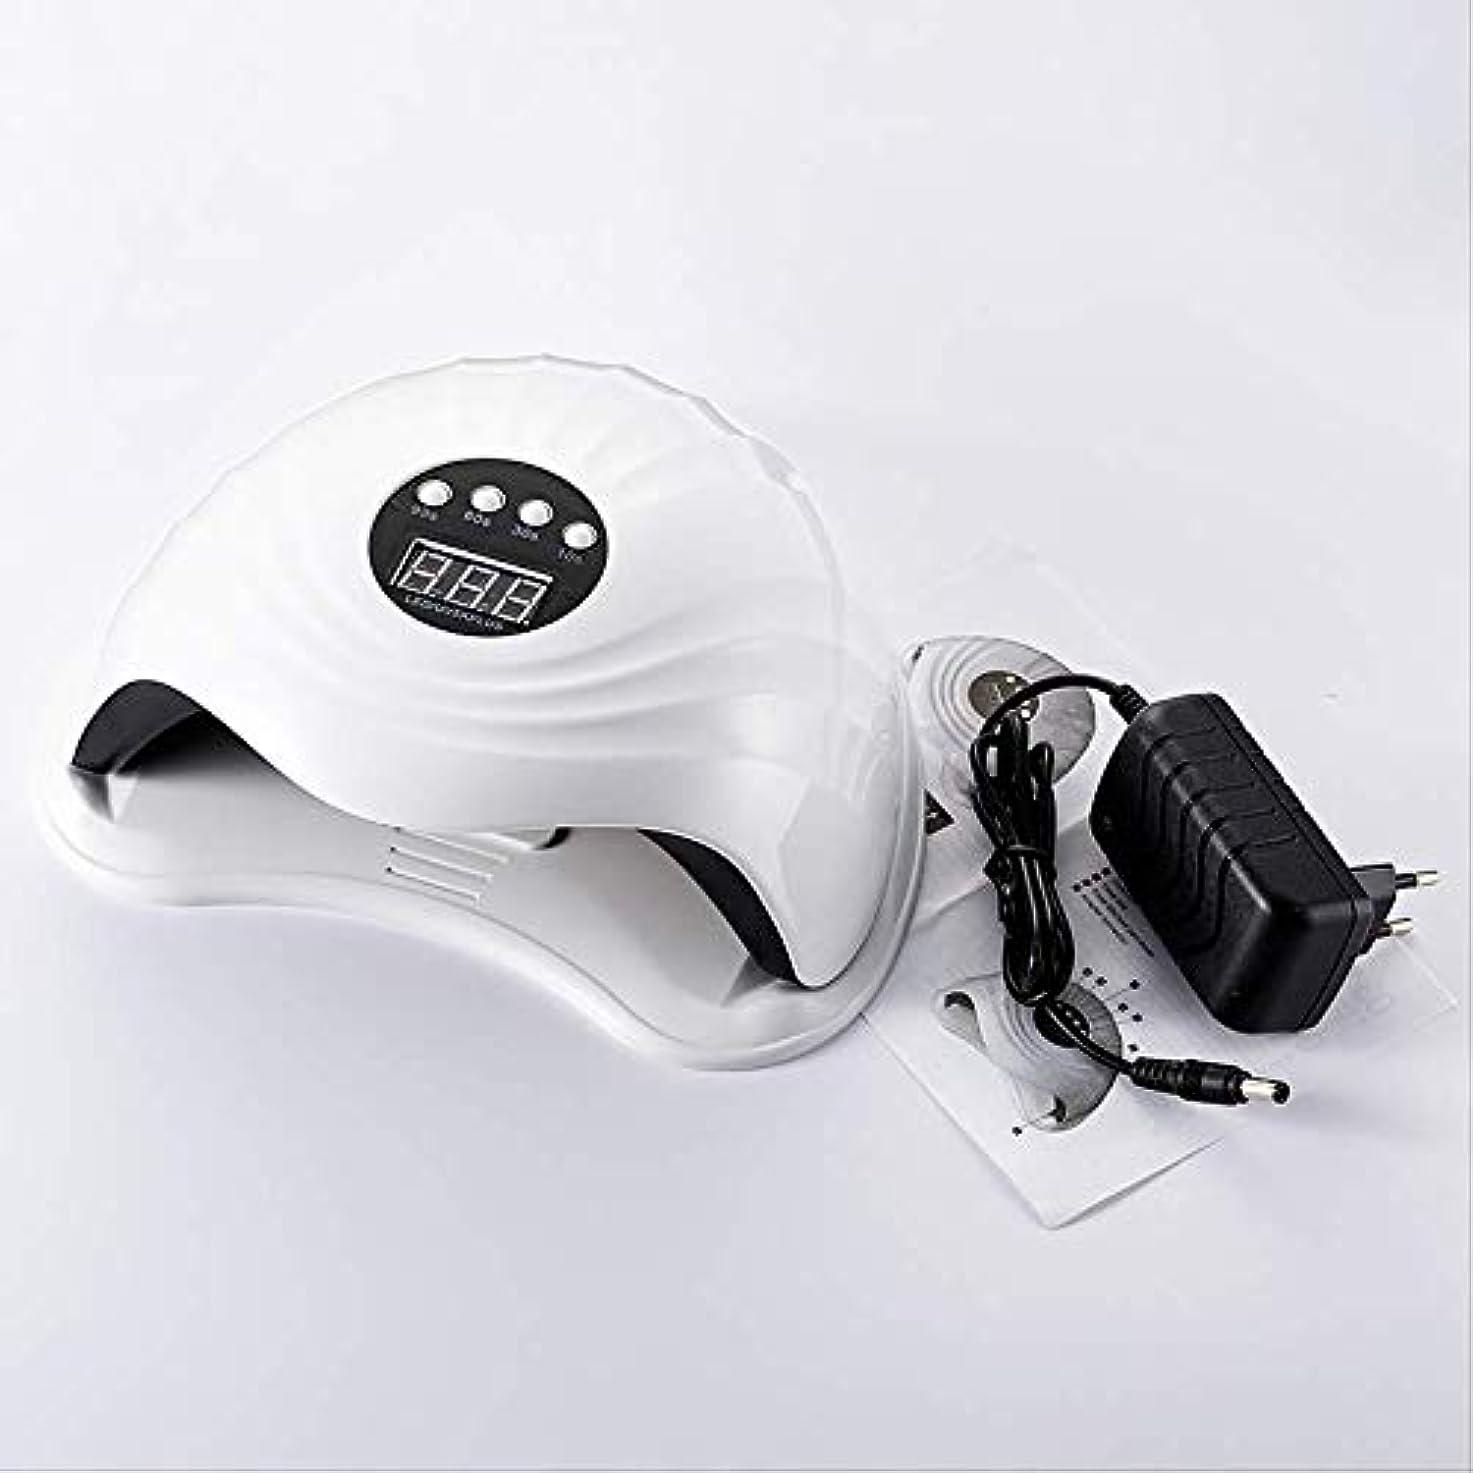 チャペル第ヘルメットRRSHUN 108w 36pcs Ledネイルランプ用ネイルドライヤーUVランプネイルマシンツール用硬化ゲルポーランド語ライトセンサータイマー付き